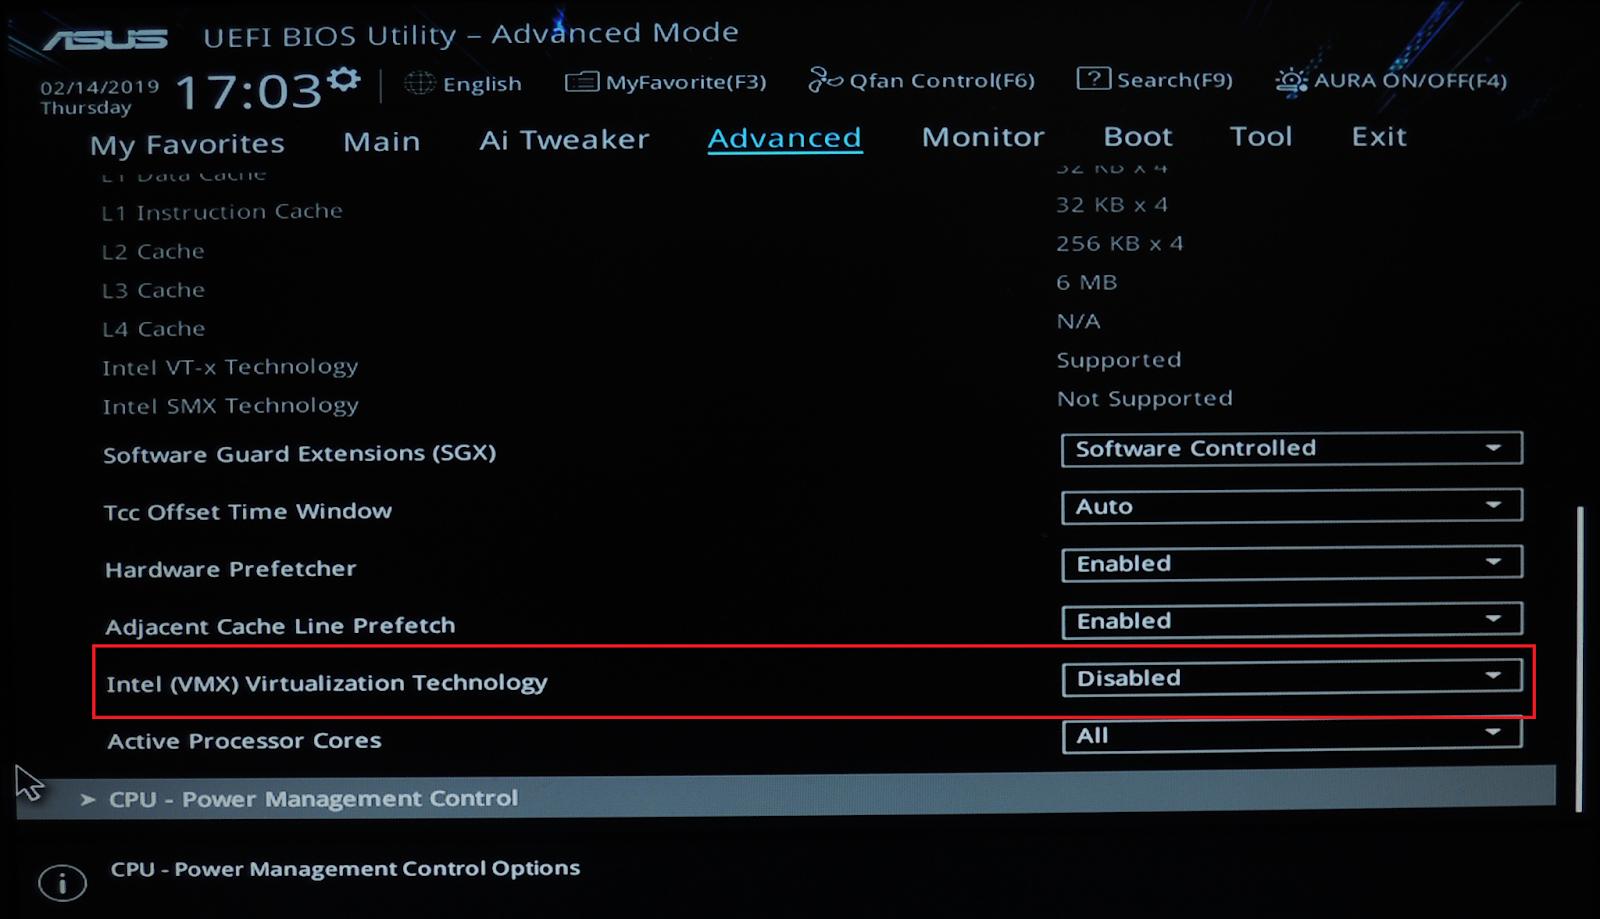 手機 模擬器 開啟與關閉 (Enable Disable) 虛擬化技術 Intel VT-x 用 LINE Rangers 比較   德志電腦